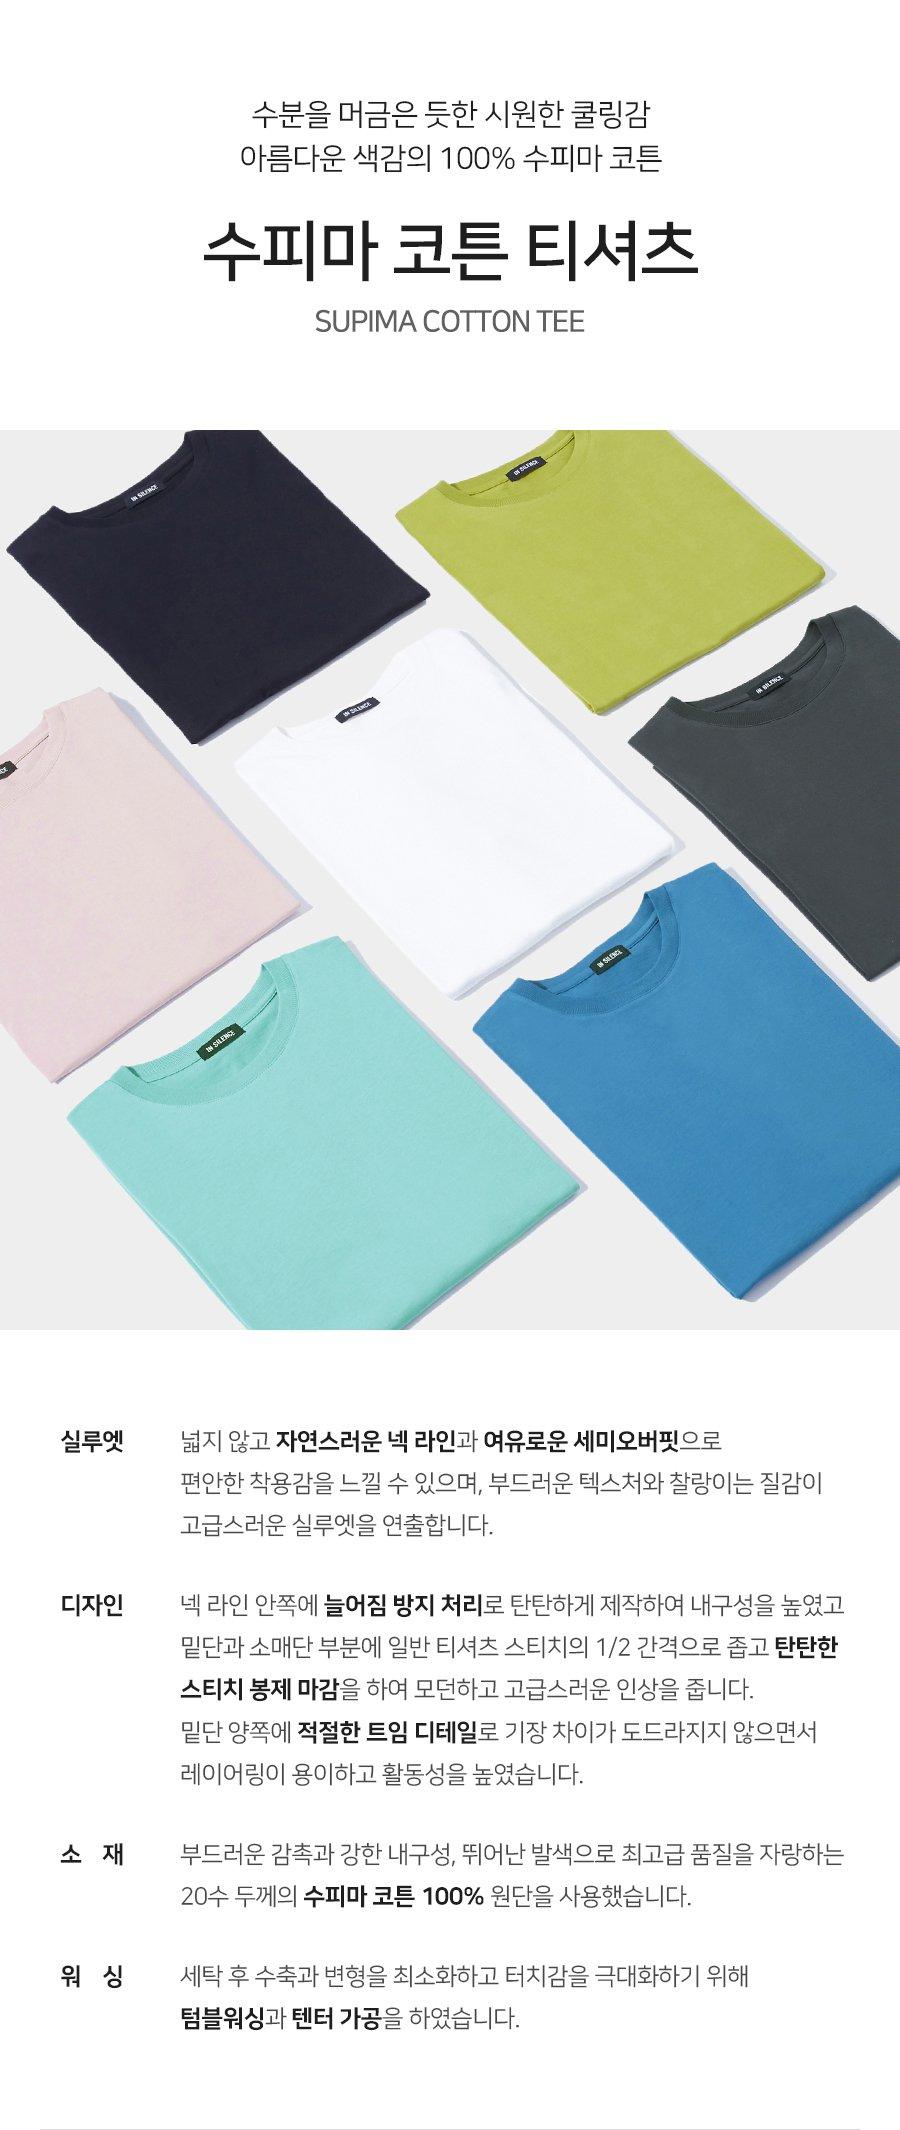 인사일런스(IN SILENCE) 수피마 코튼 티셔츠 DARK PINK